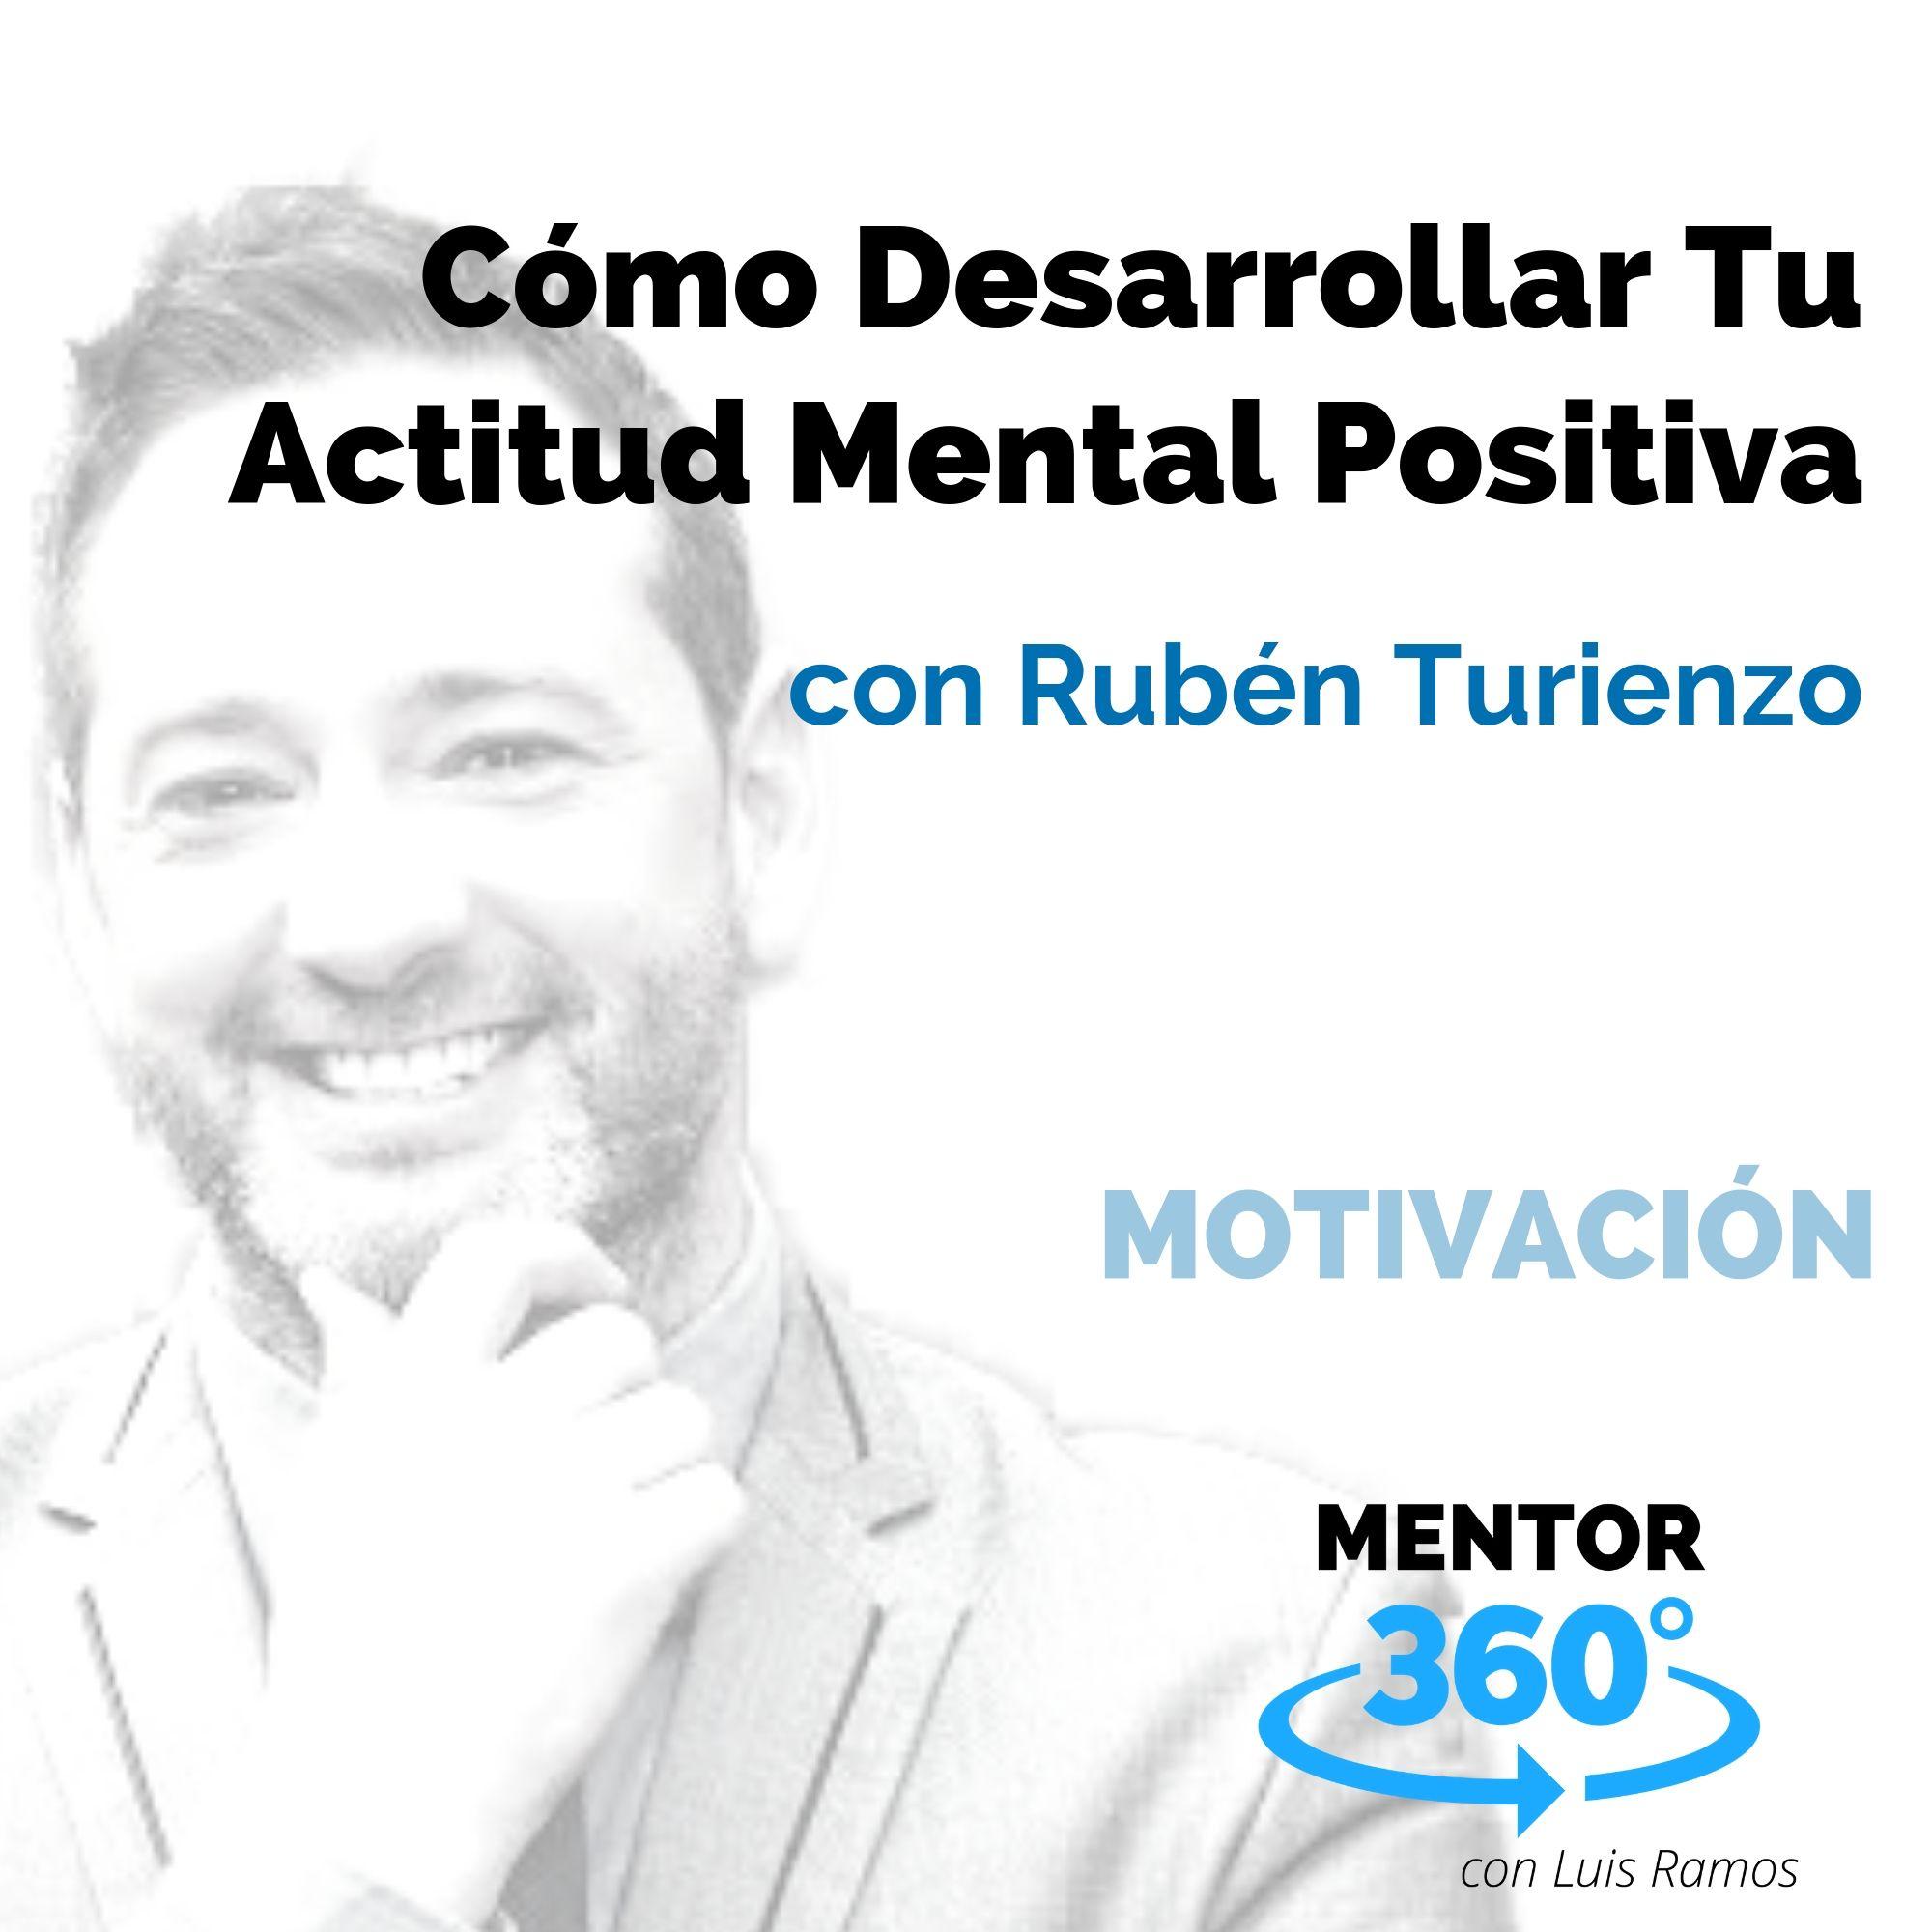 Cómo Desarrollar Tu Actitud Mental Positiva, con Rubén Turienzo - MOTIVACIÓN - MENTOR360